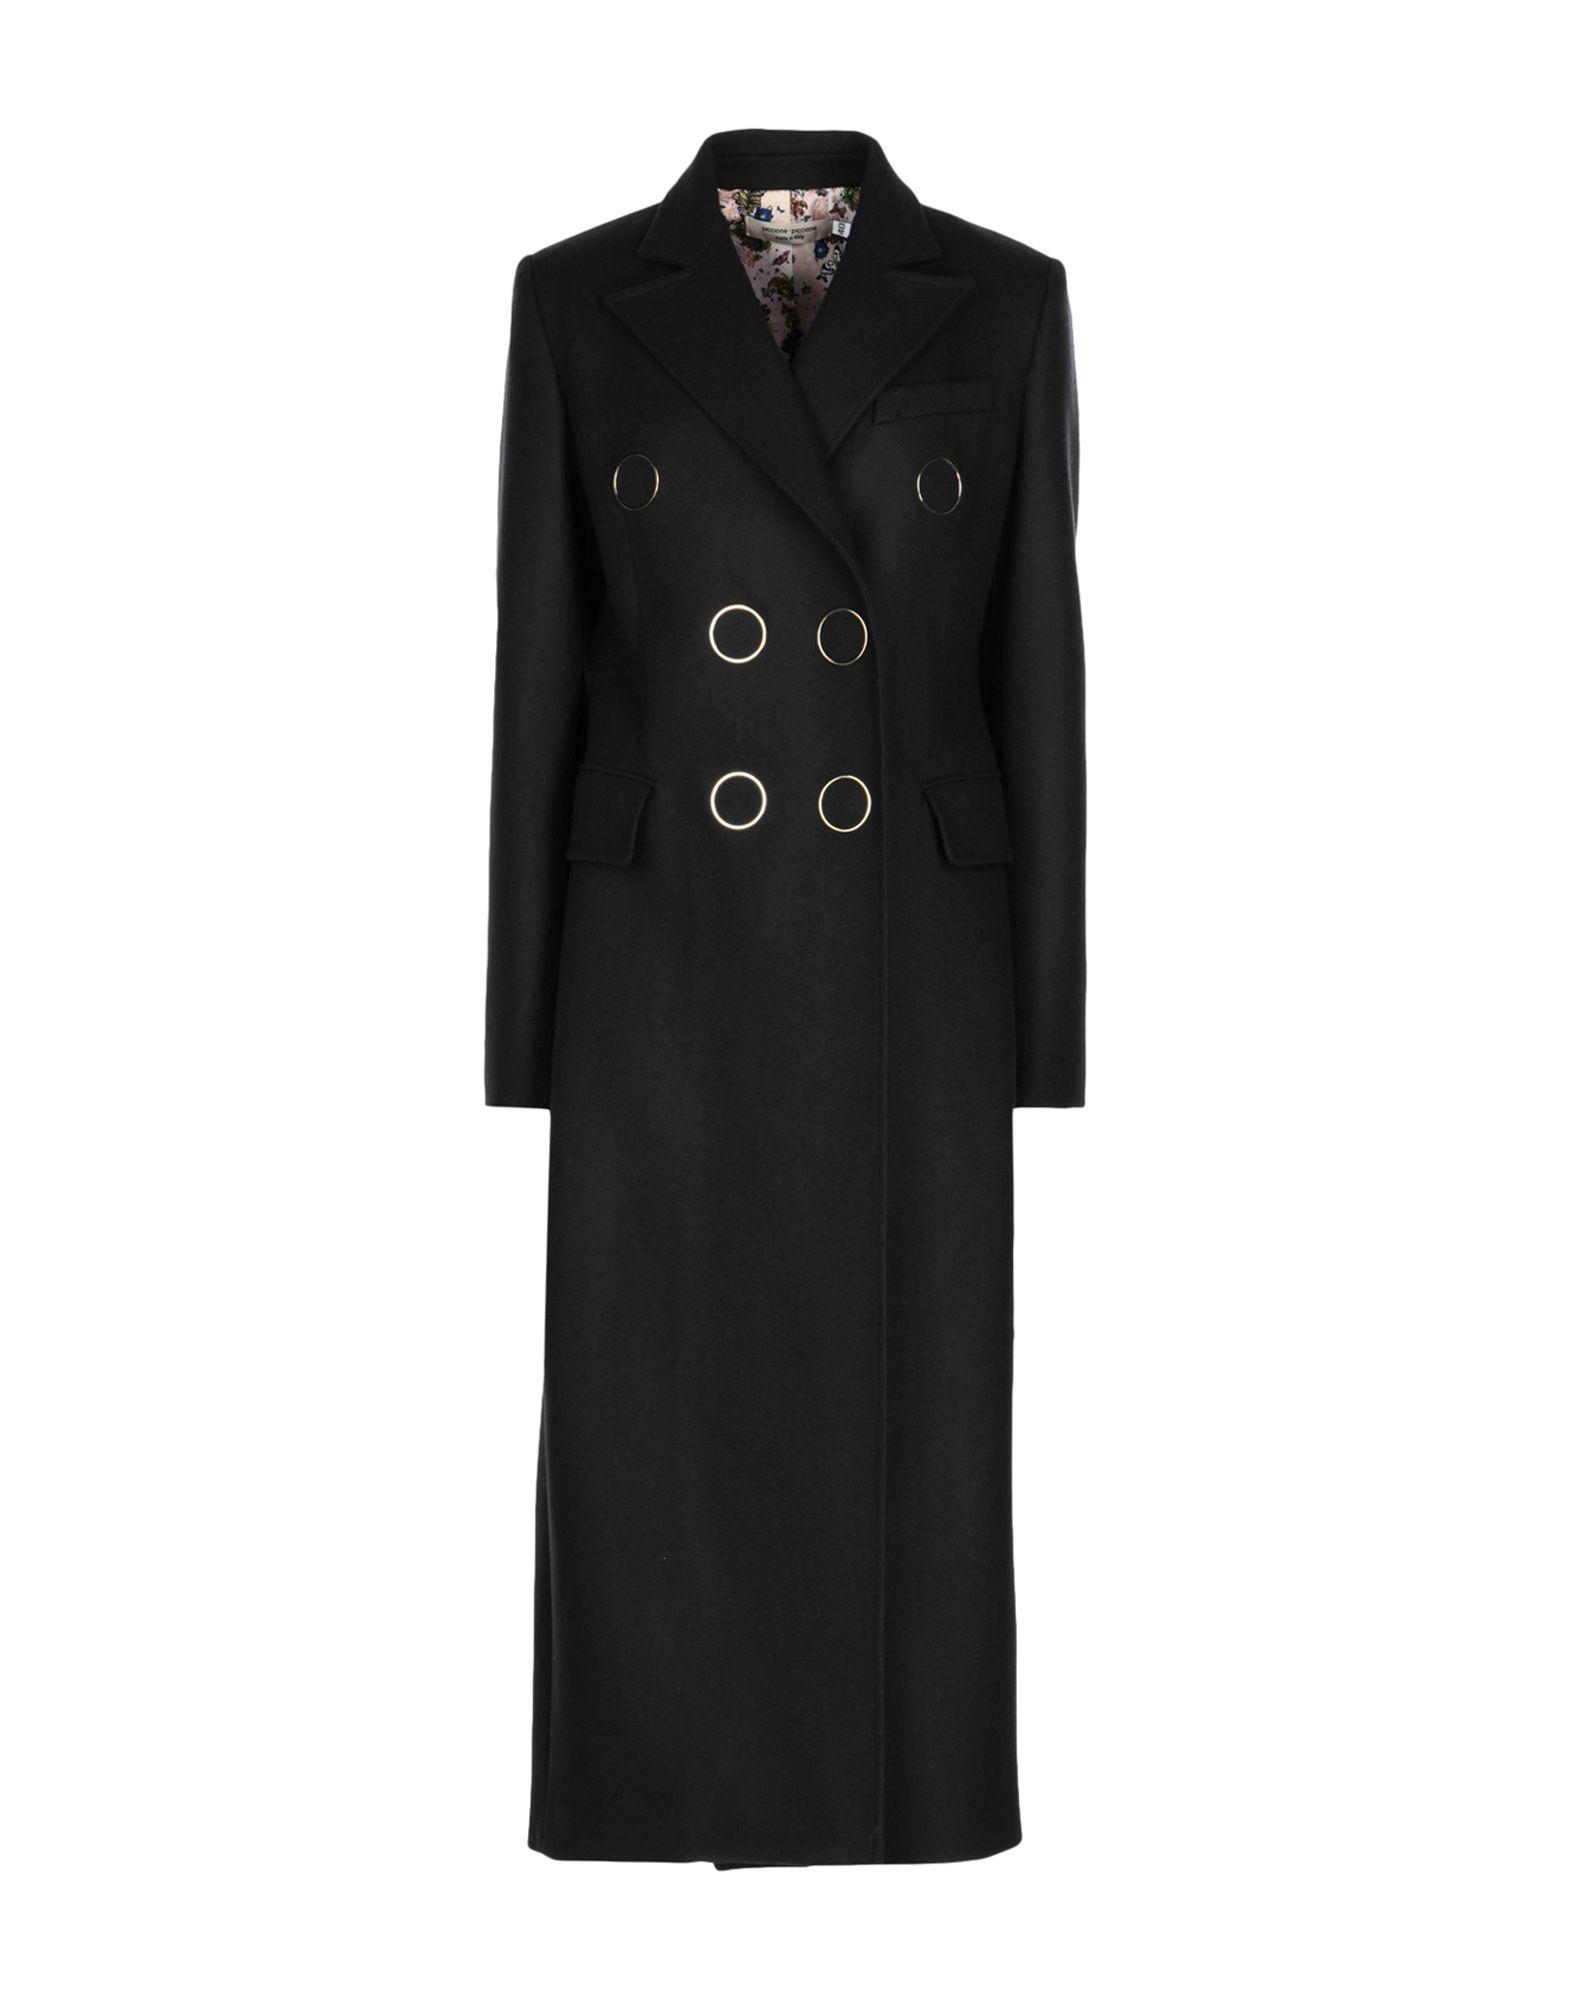 PICCIONE.PICCIONE Coat in Black